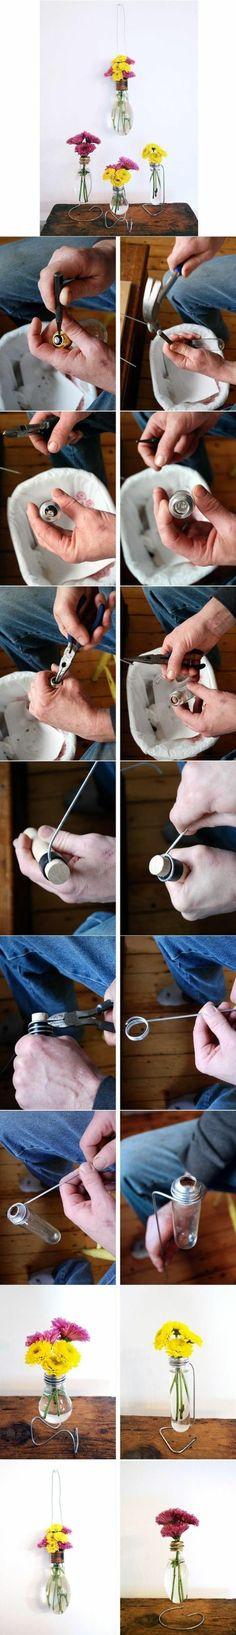 comment transformer une ampoule en verre en vase soliflore